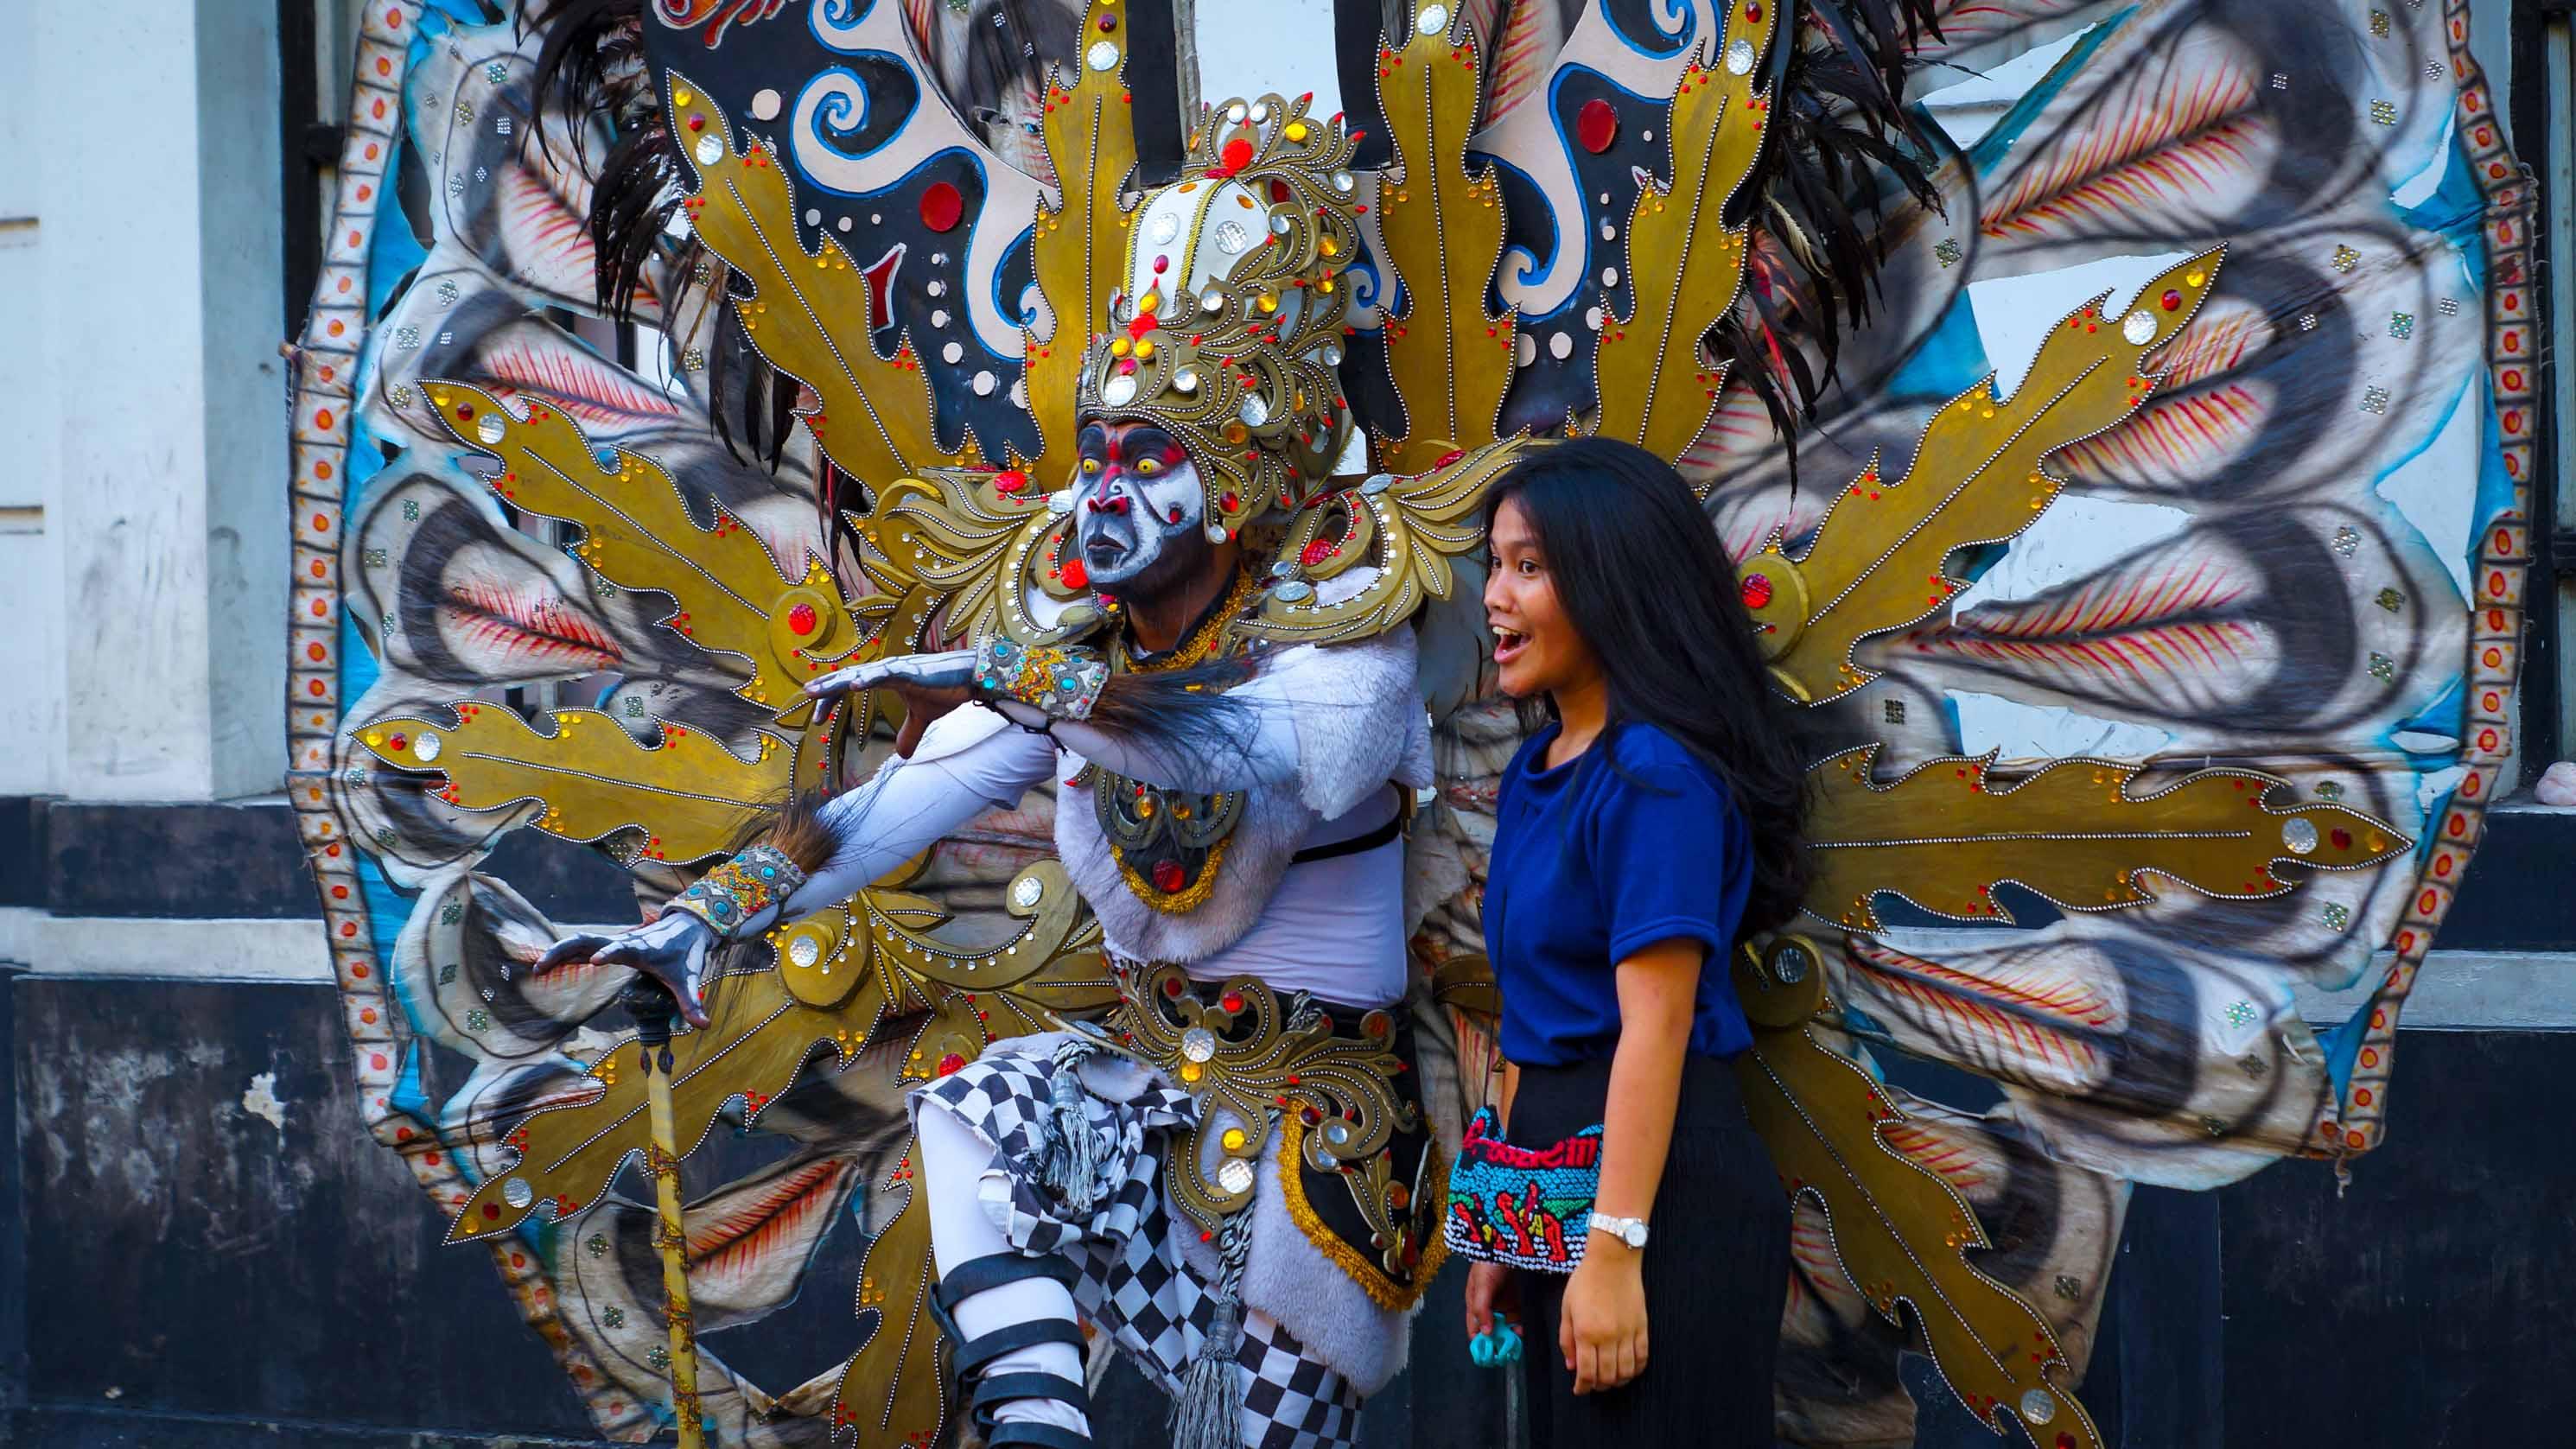 Kurzes Update: Von Jakarta nach Yogyakarta